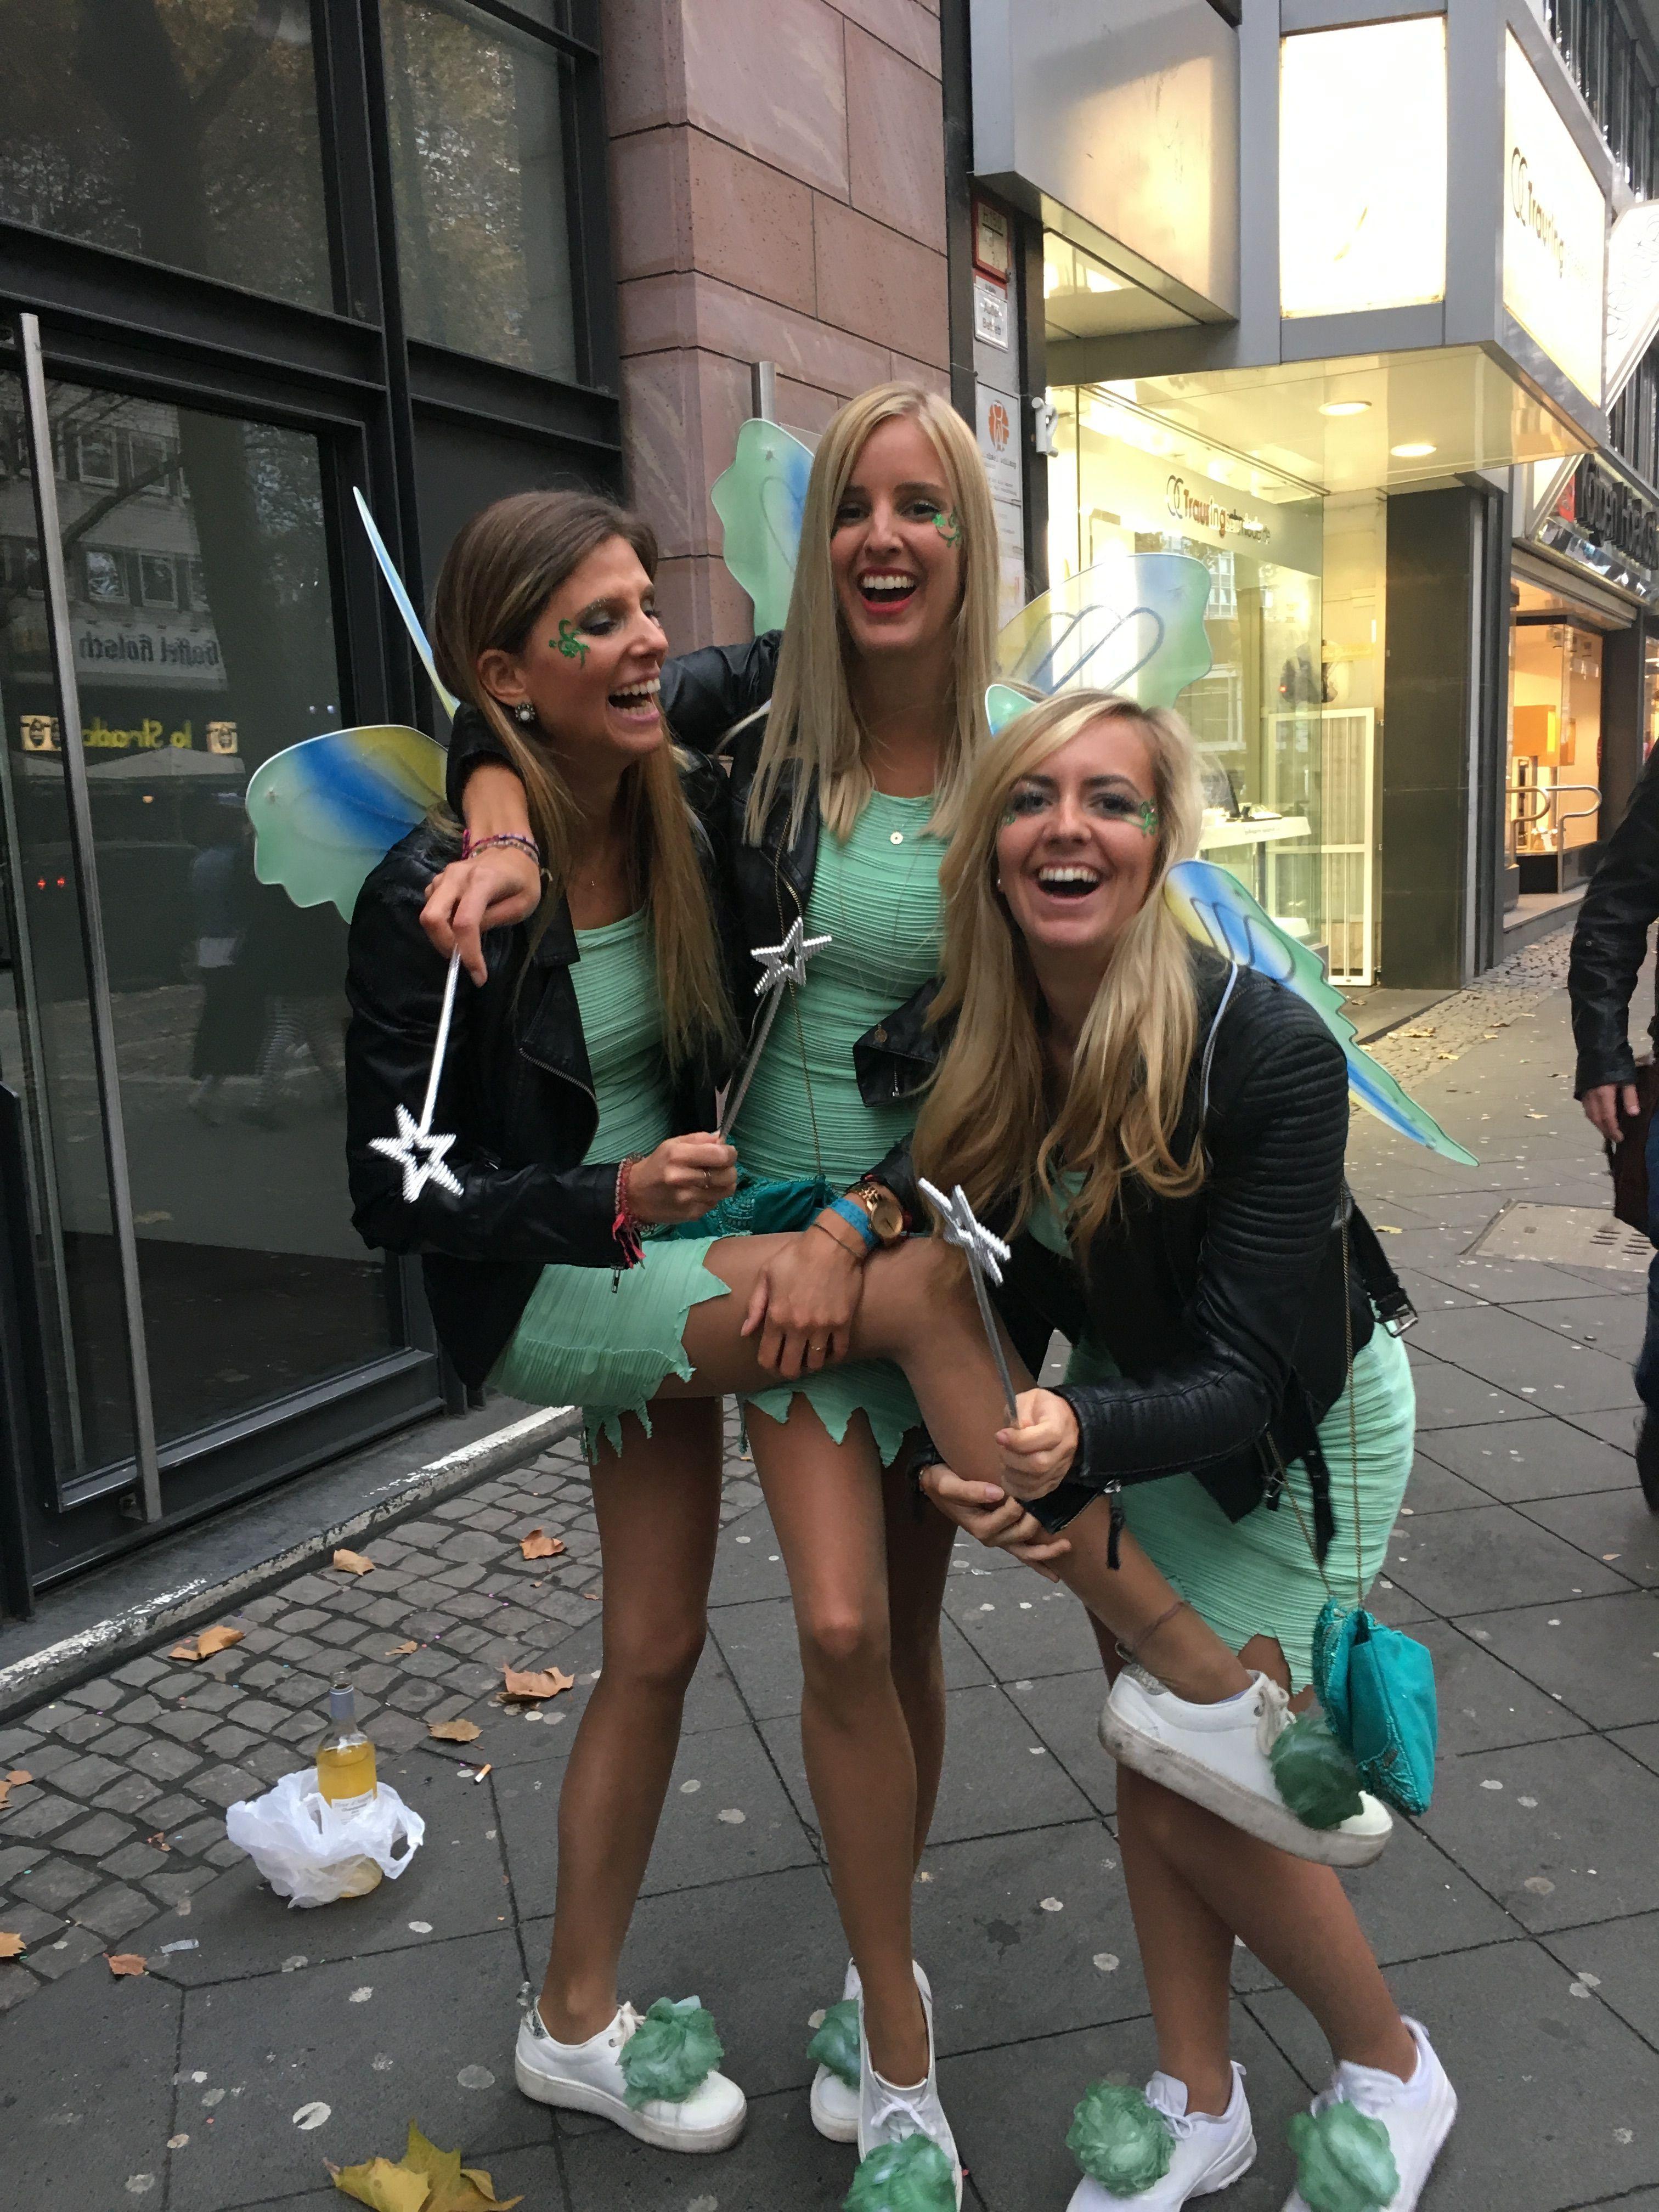 Tinkerbell Kostüm selber machen #halloweencostumeswomen Tinkerbell Kostüm selber machen